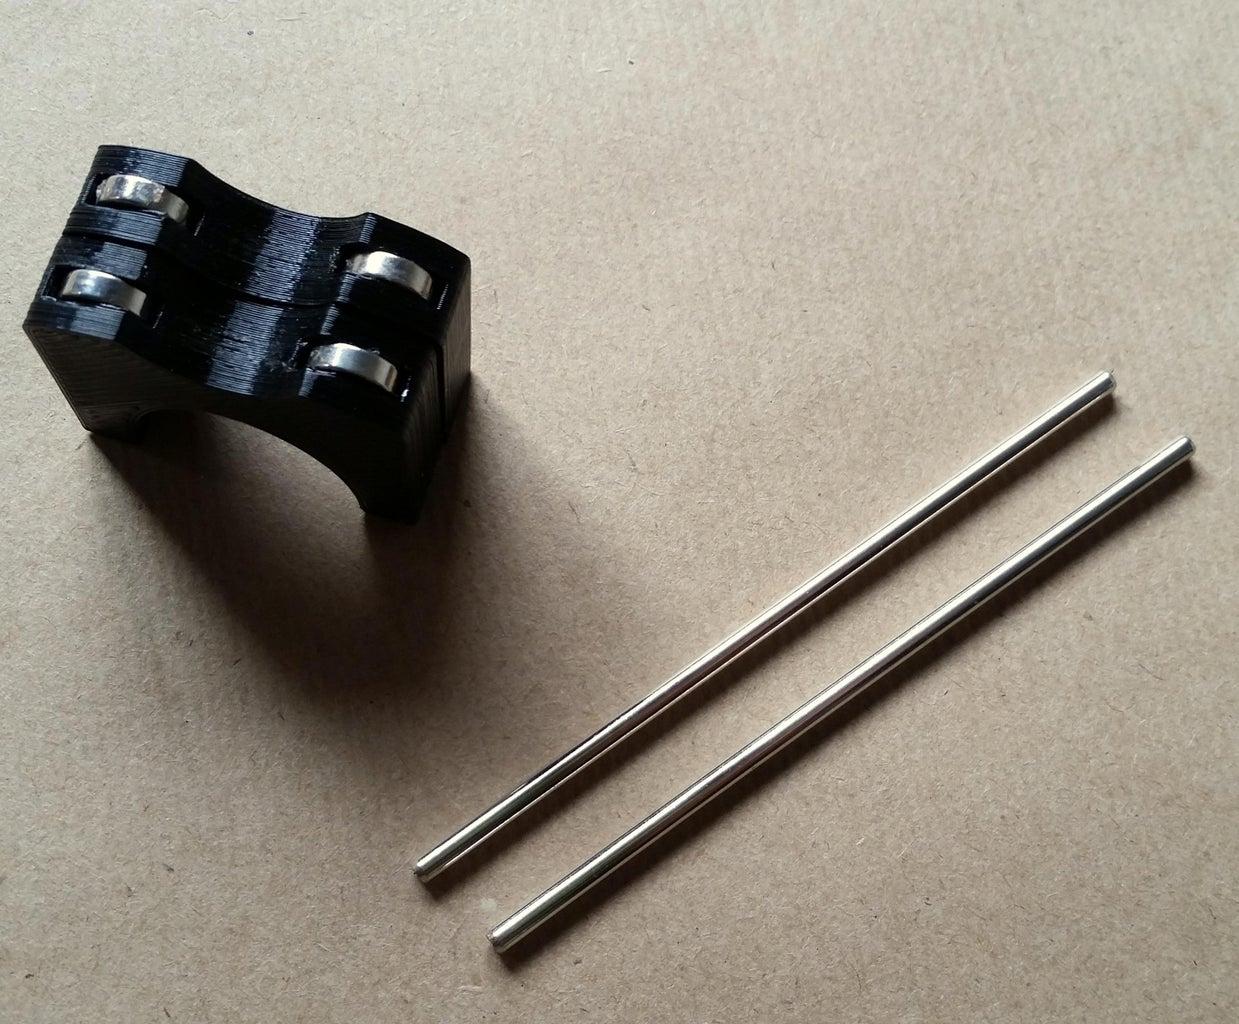 Assembly: Rods